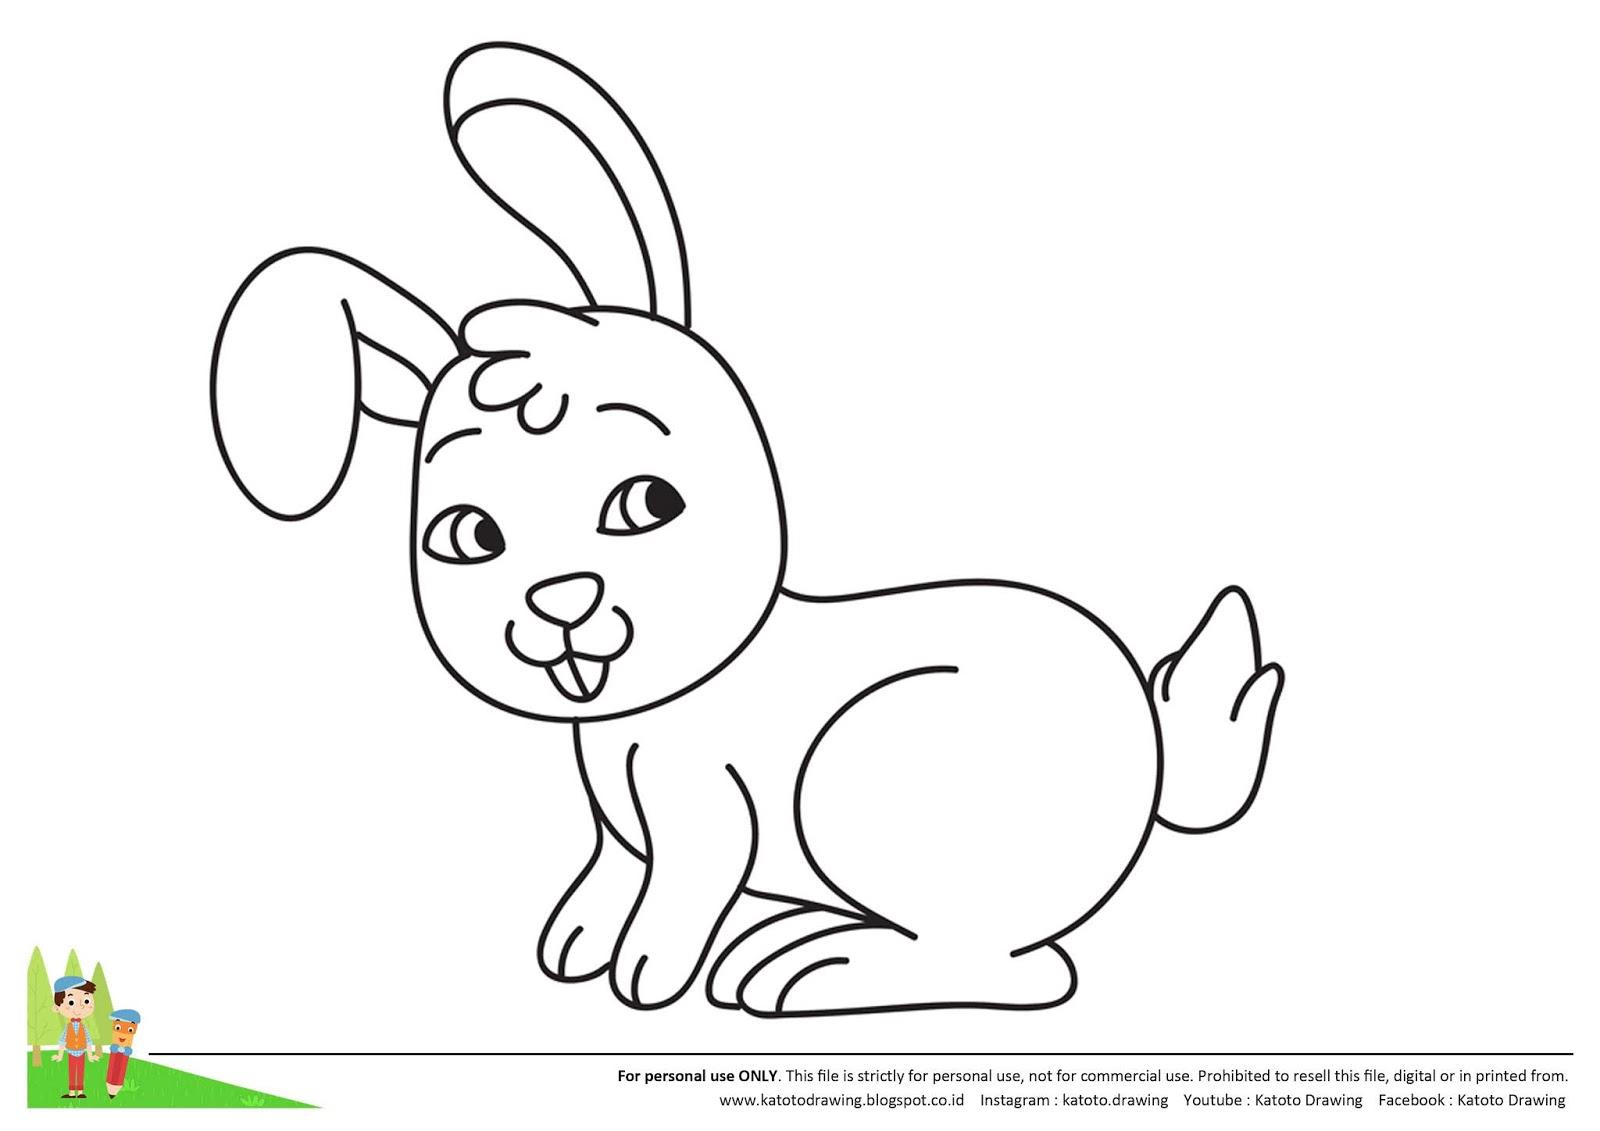 Katoto Drawing Tutorial Langkah Menggambar Dan Mewarnai Kelinci